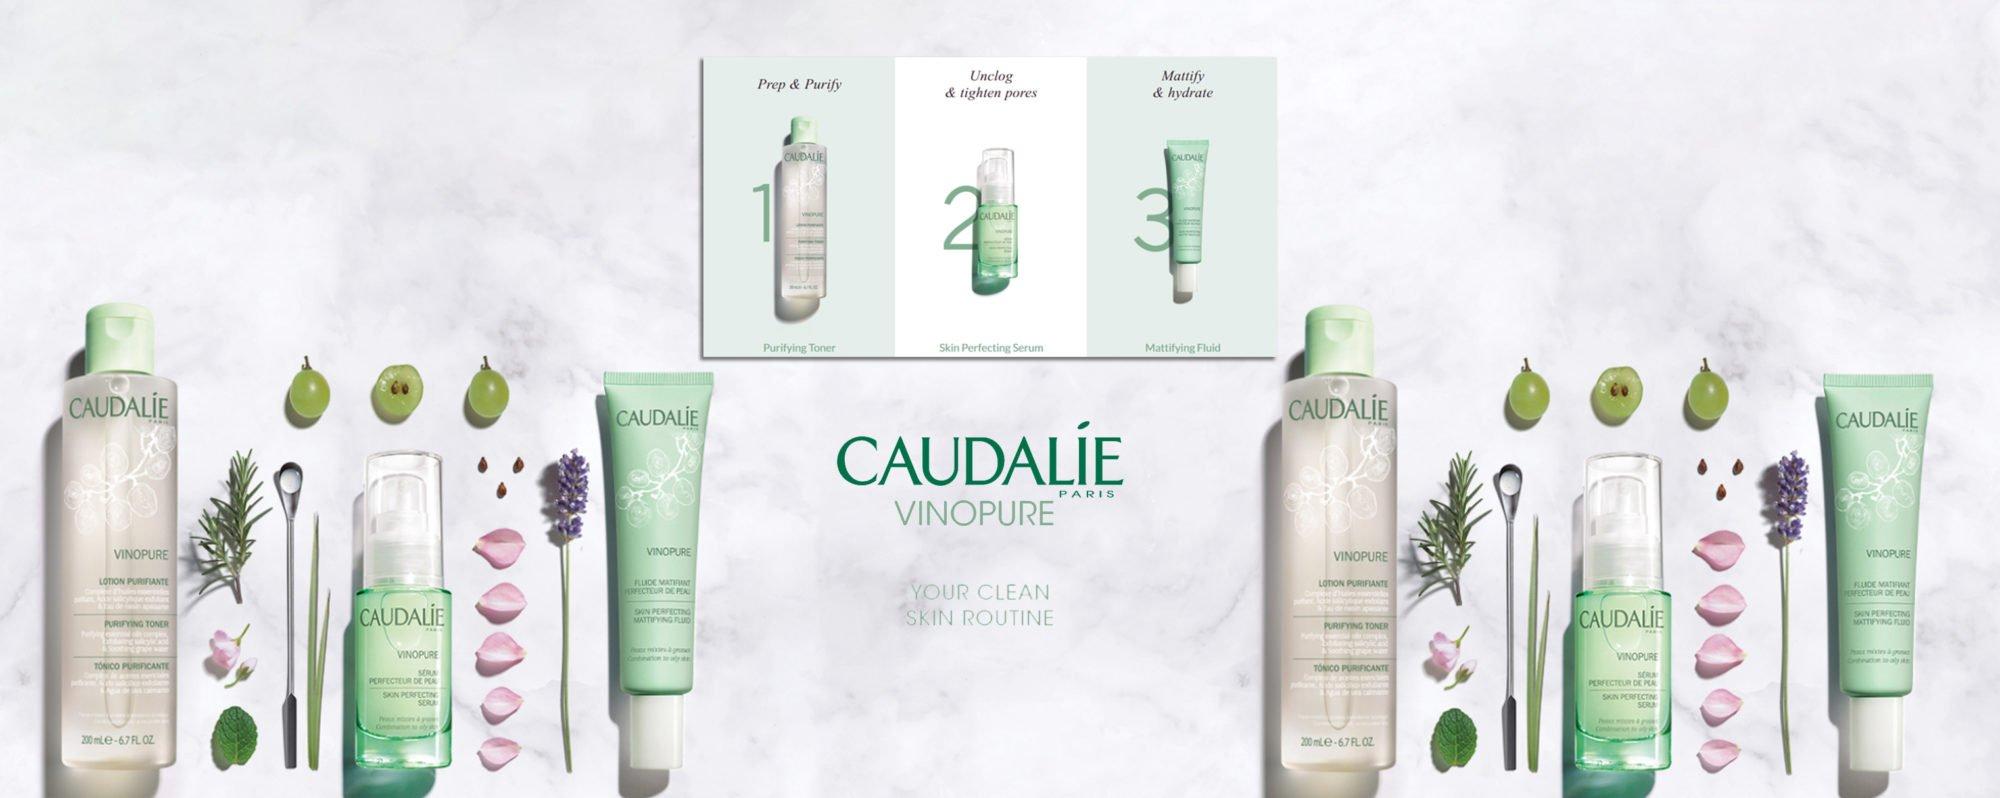 Caudalie Vinopure Launch - Clean Skin Routine